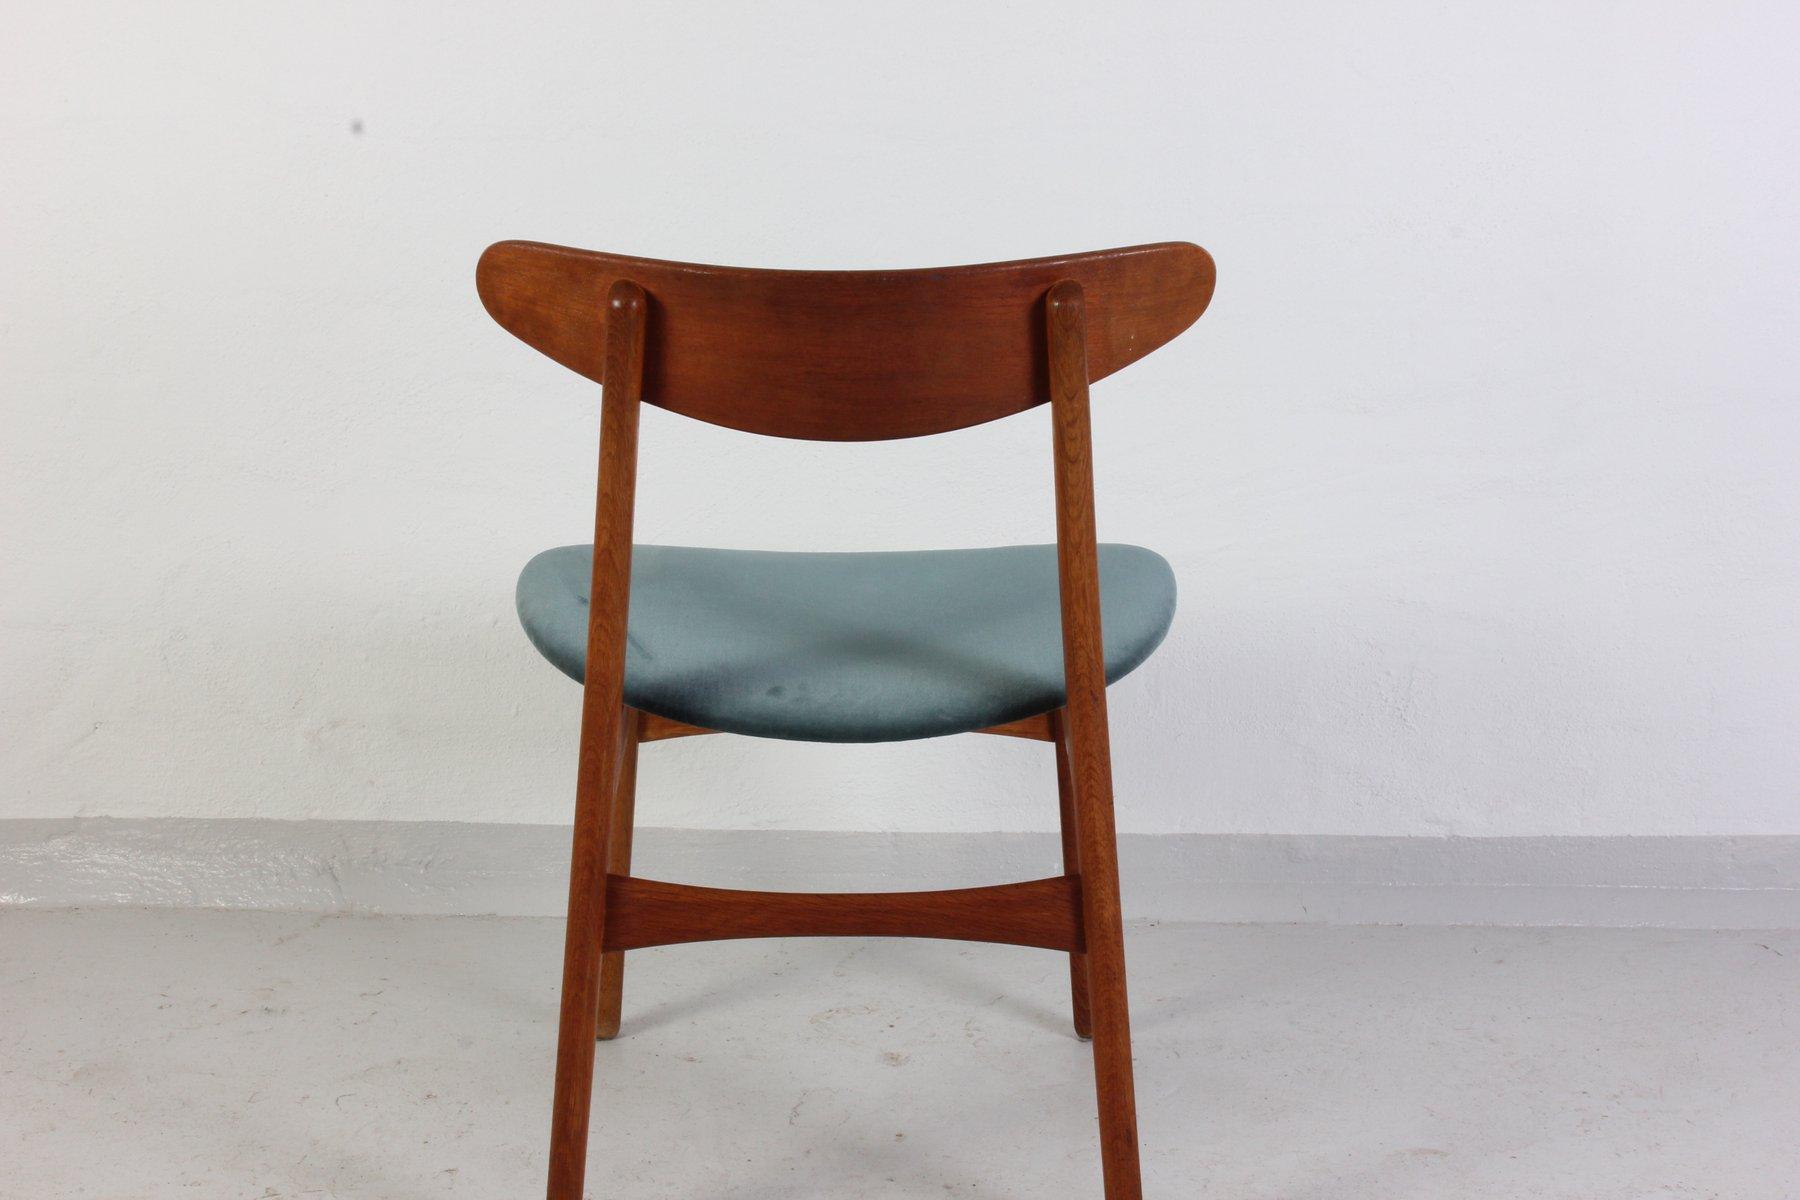 chaise ch 30 par hans j wegner pour carl hansen s n en. Black Bedroom Furniture Sets. Home Design Ideas